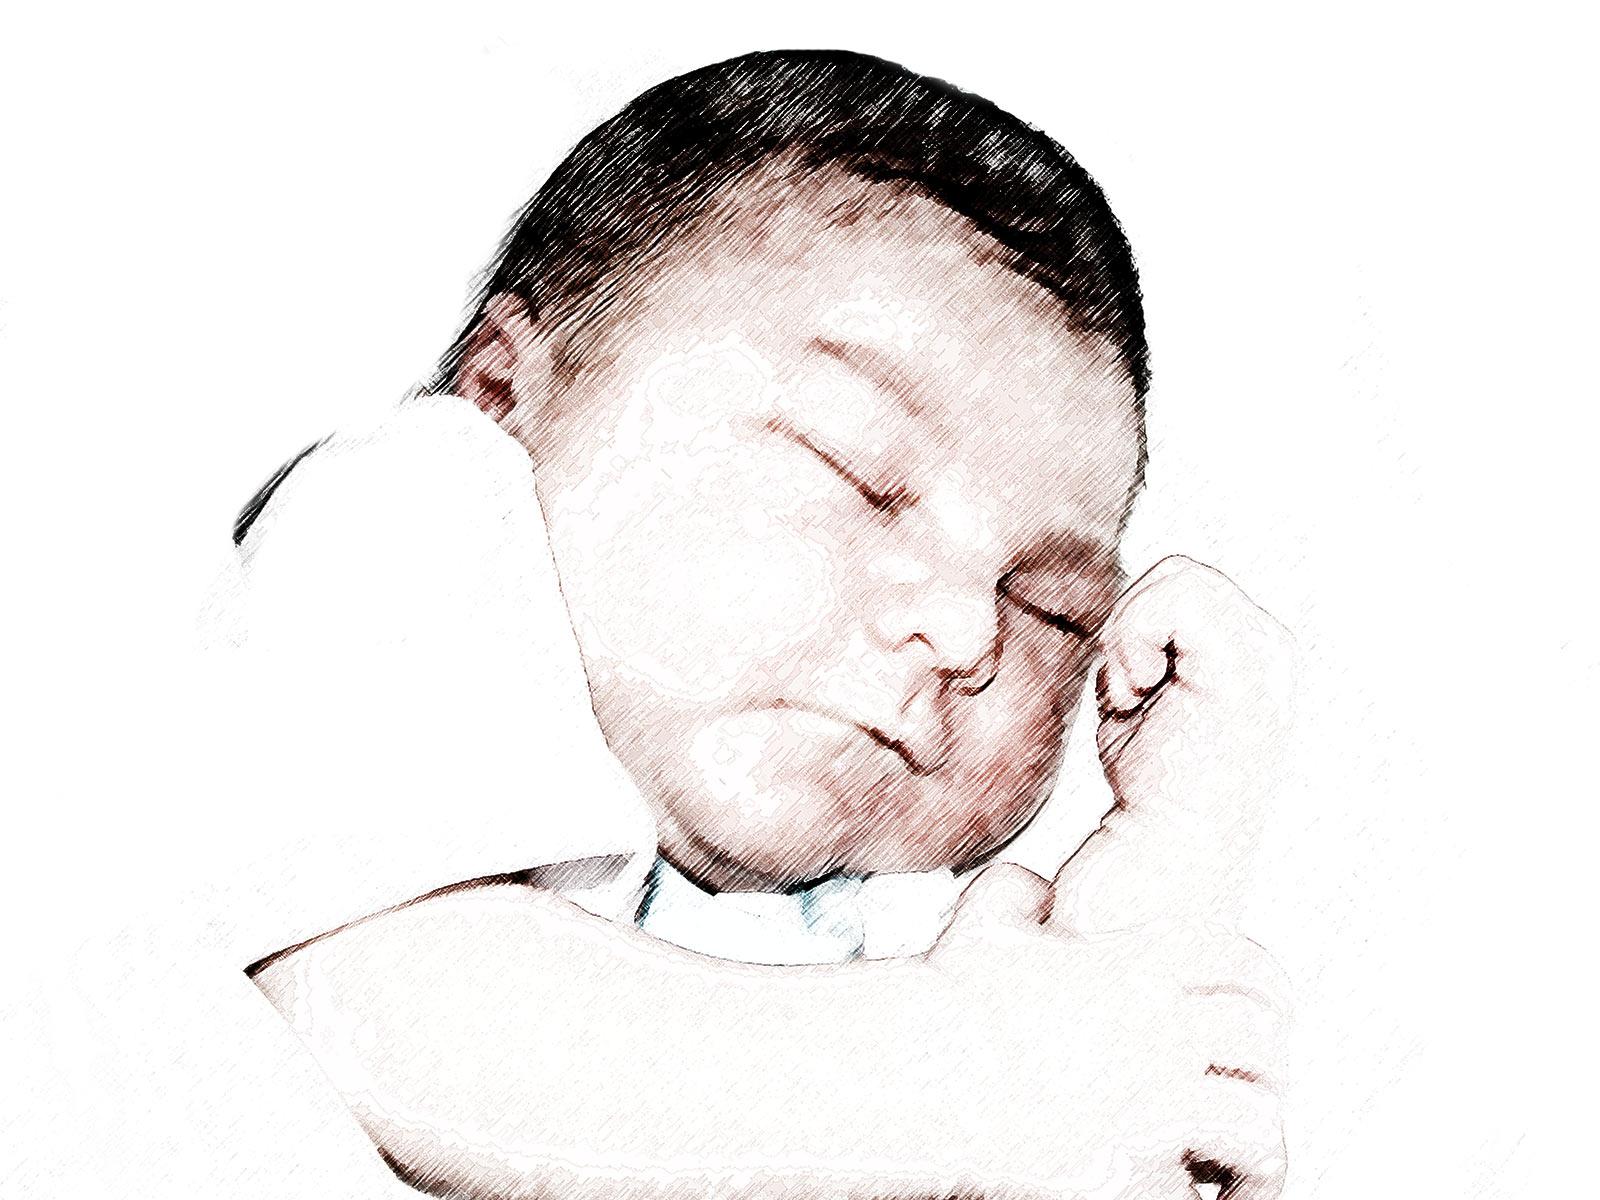 Ilustración gratis - Dibujo de un bebé durmiendo